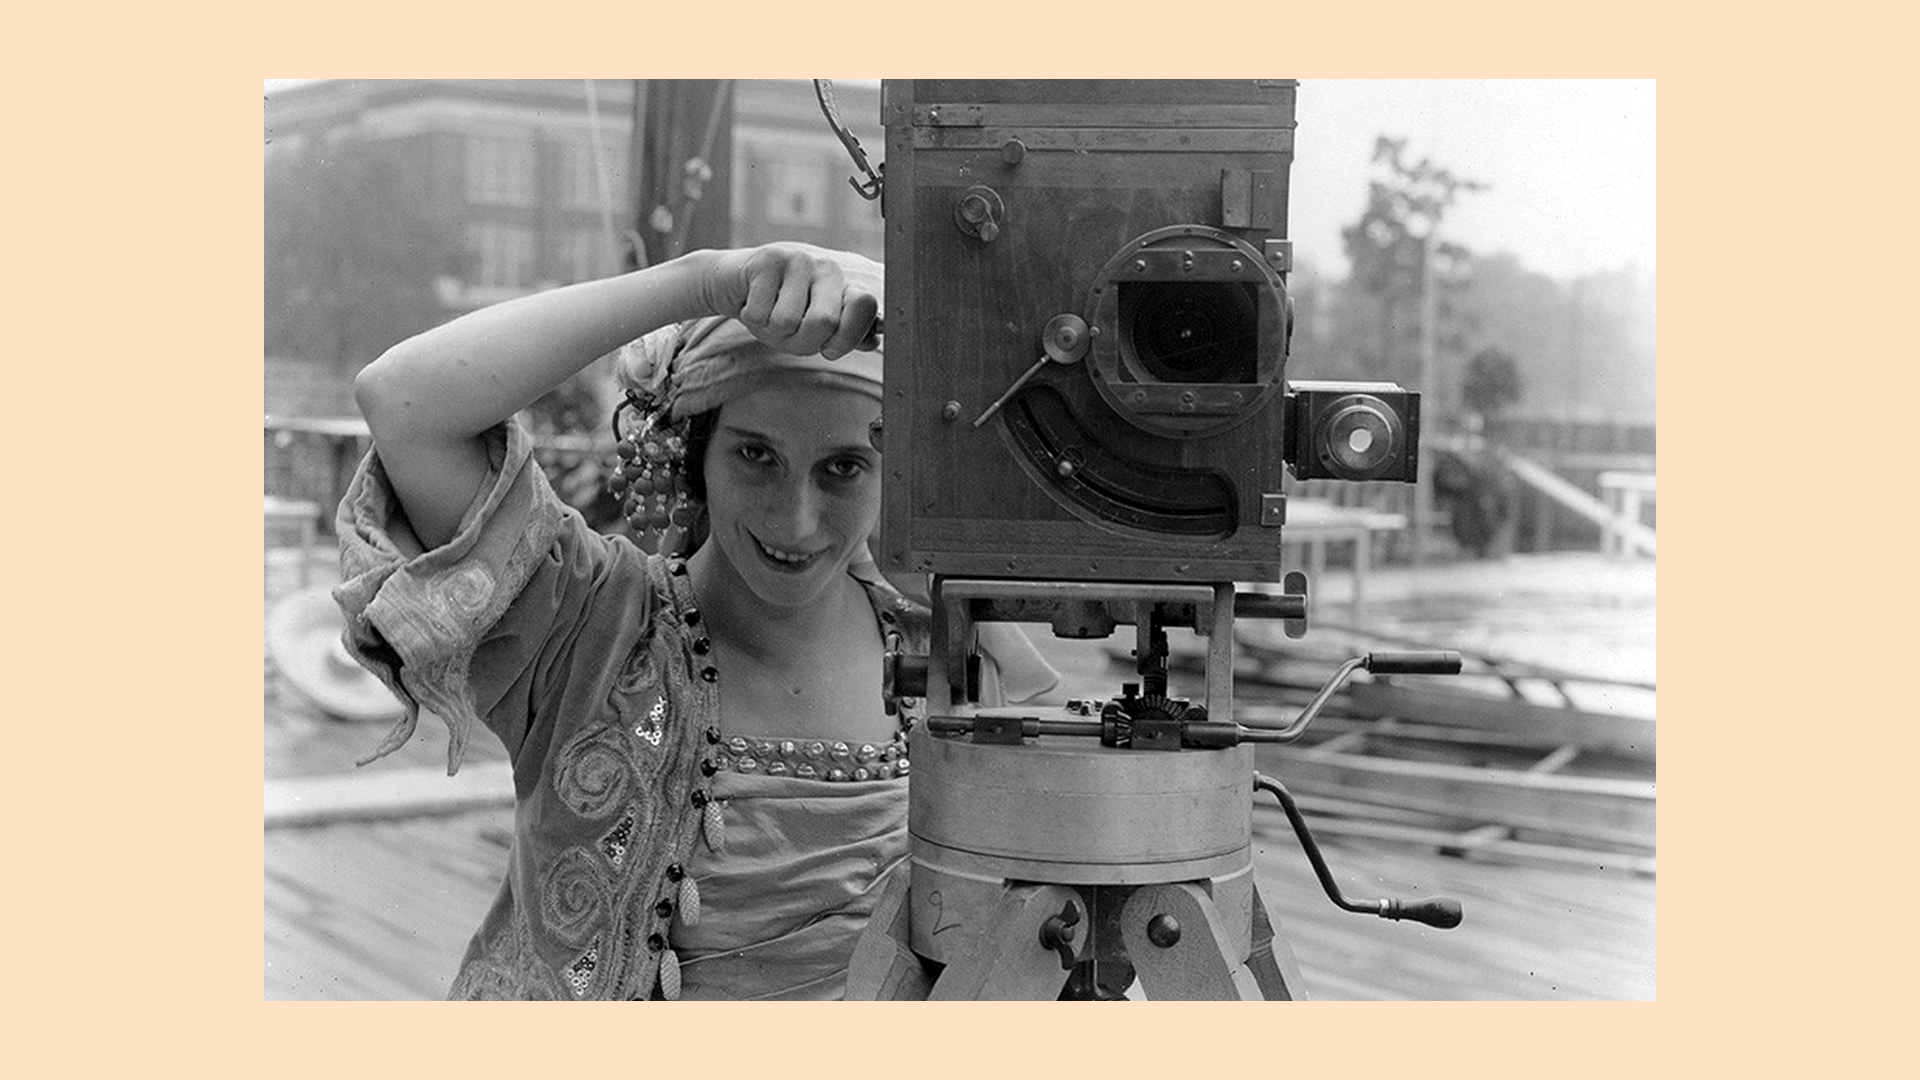 До эры Youtube: редкие балетные видео начала 20 века (1900-1916)